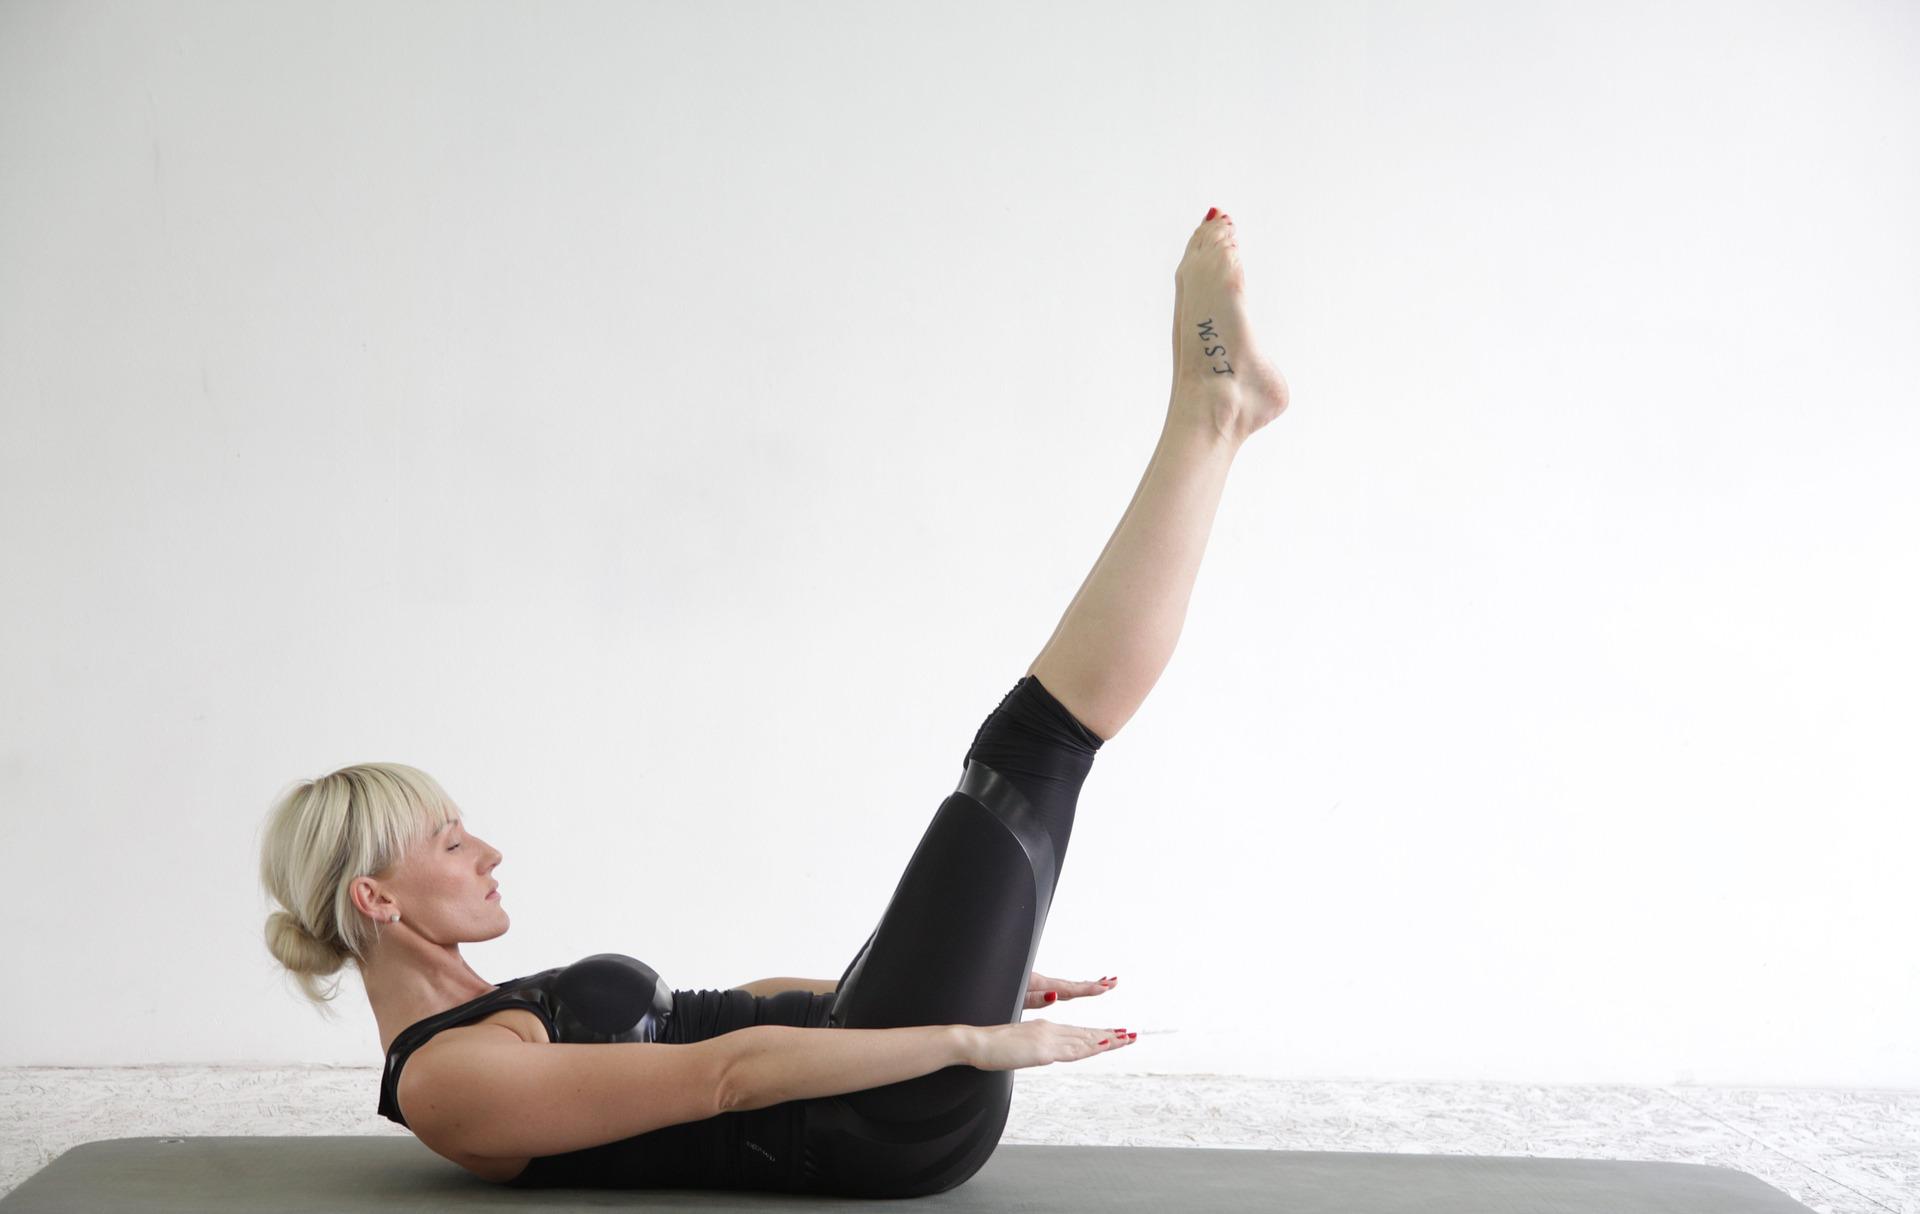 Cvičenie pozostáva z pohybov, ktoré kombinujú kontrolu nad vlastným telom, silu svalov a vytrvalosť.